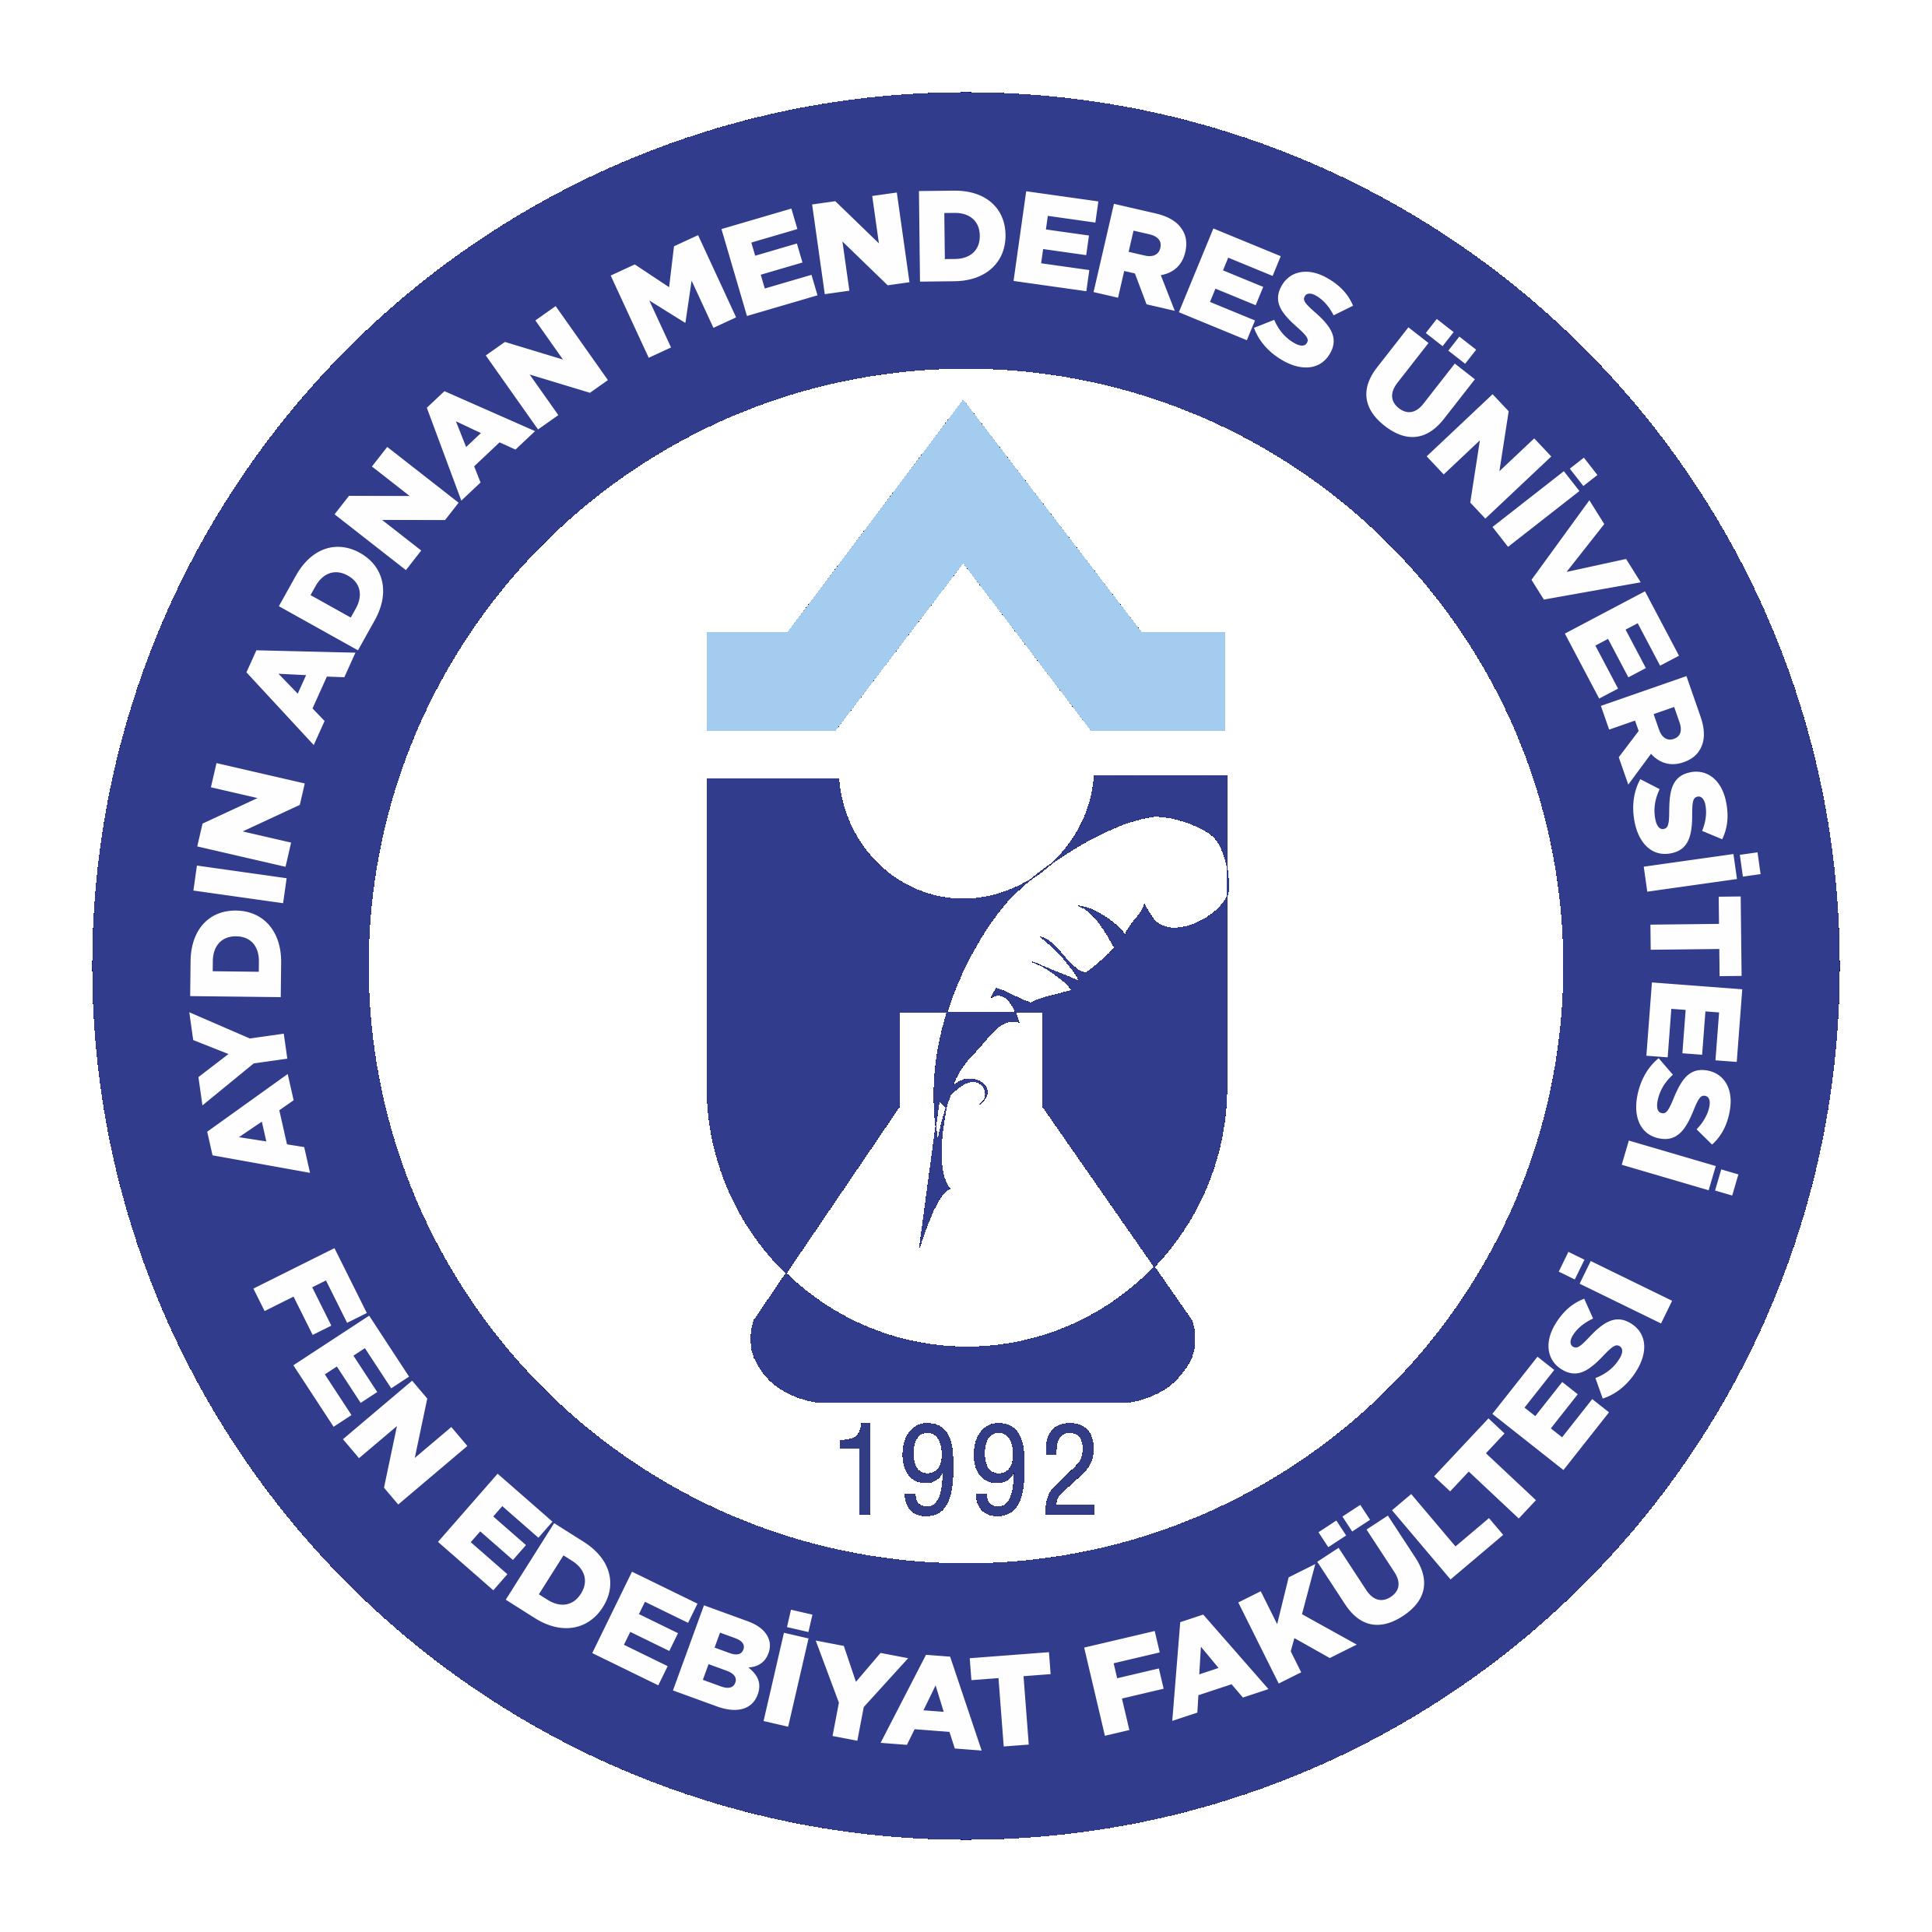 adnan menderes üniversitesi fen edebiyat fakültesi logo ile ilgili görsel sonucu